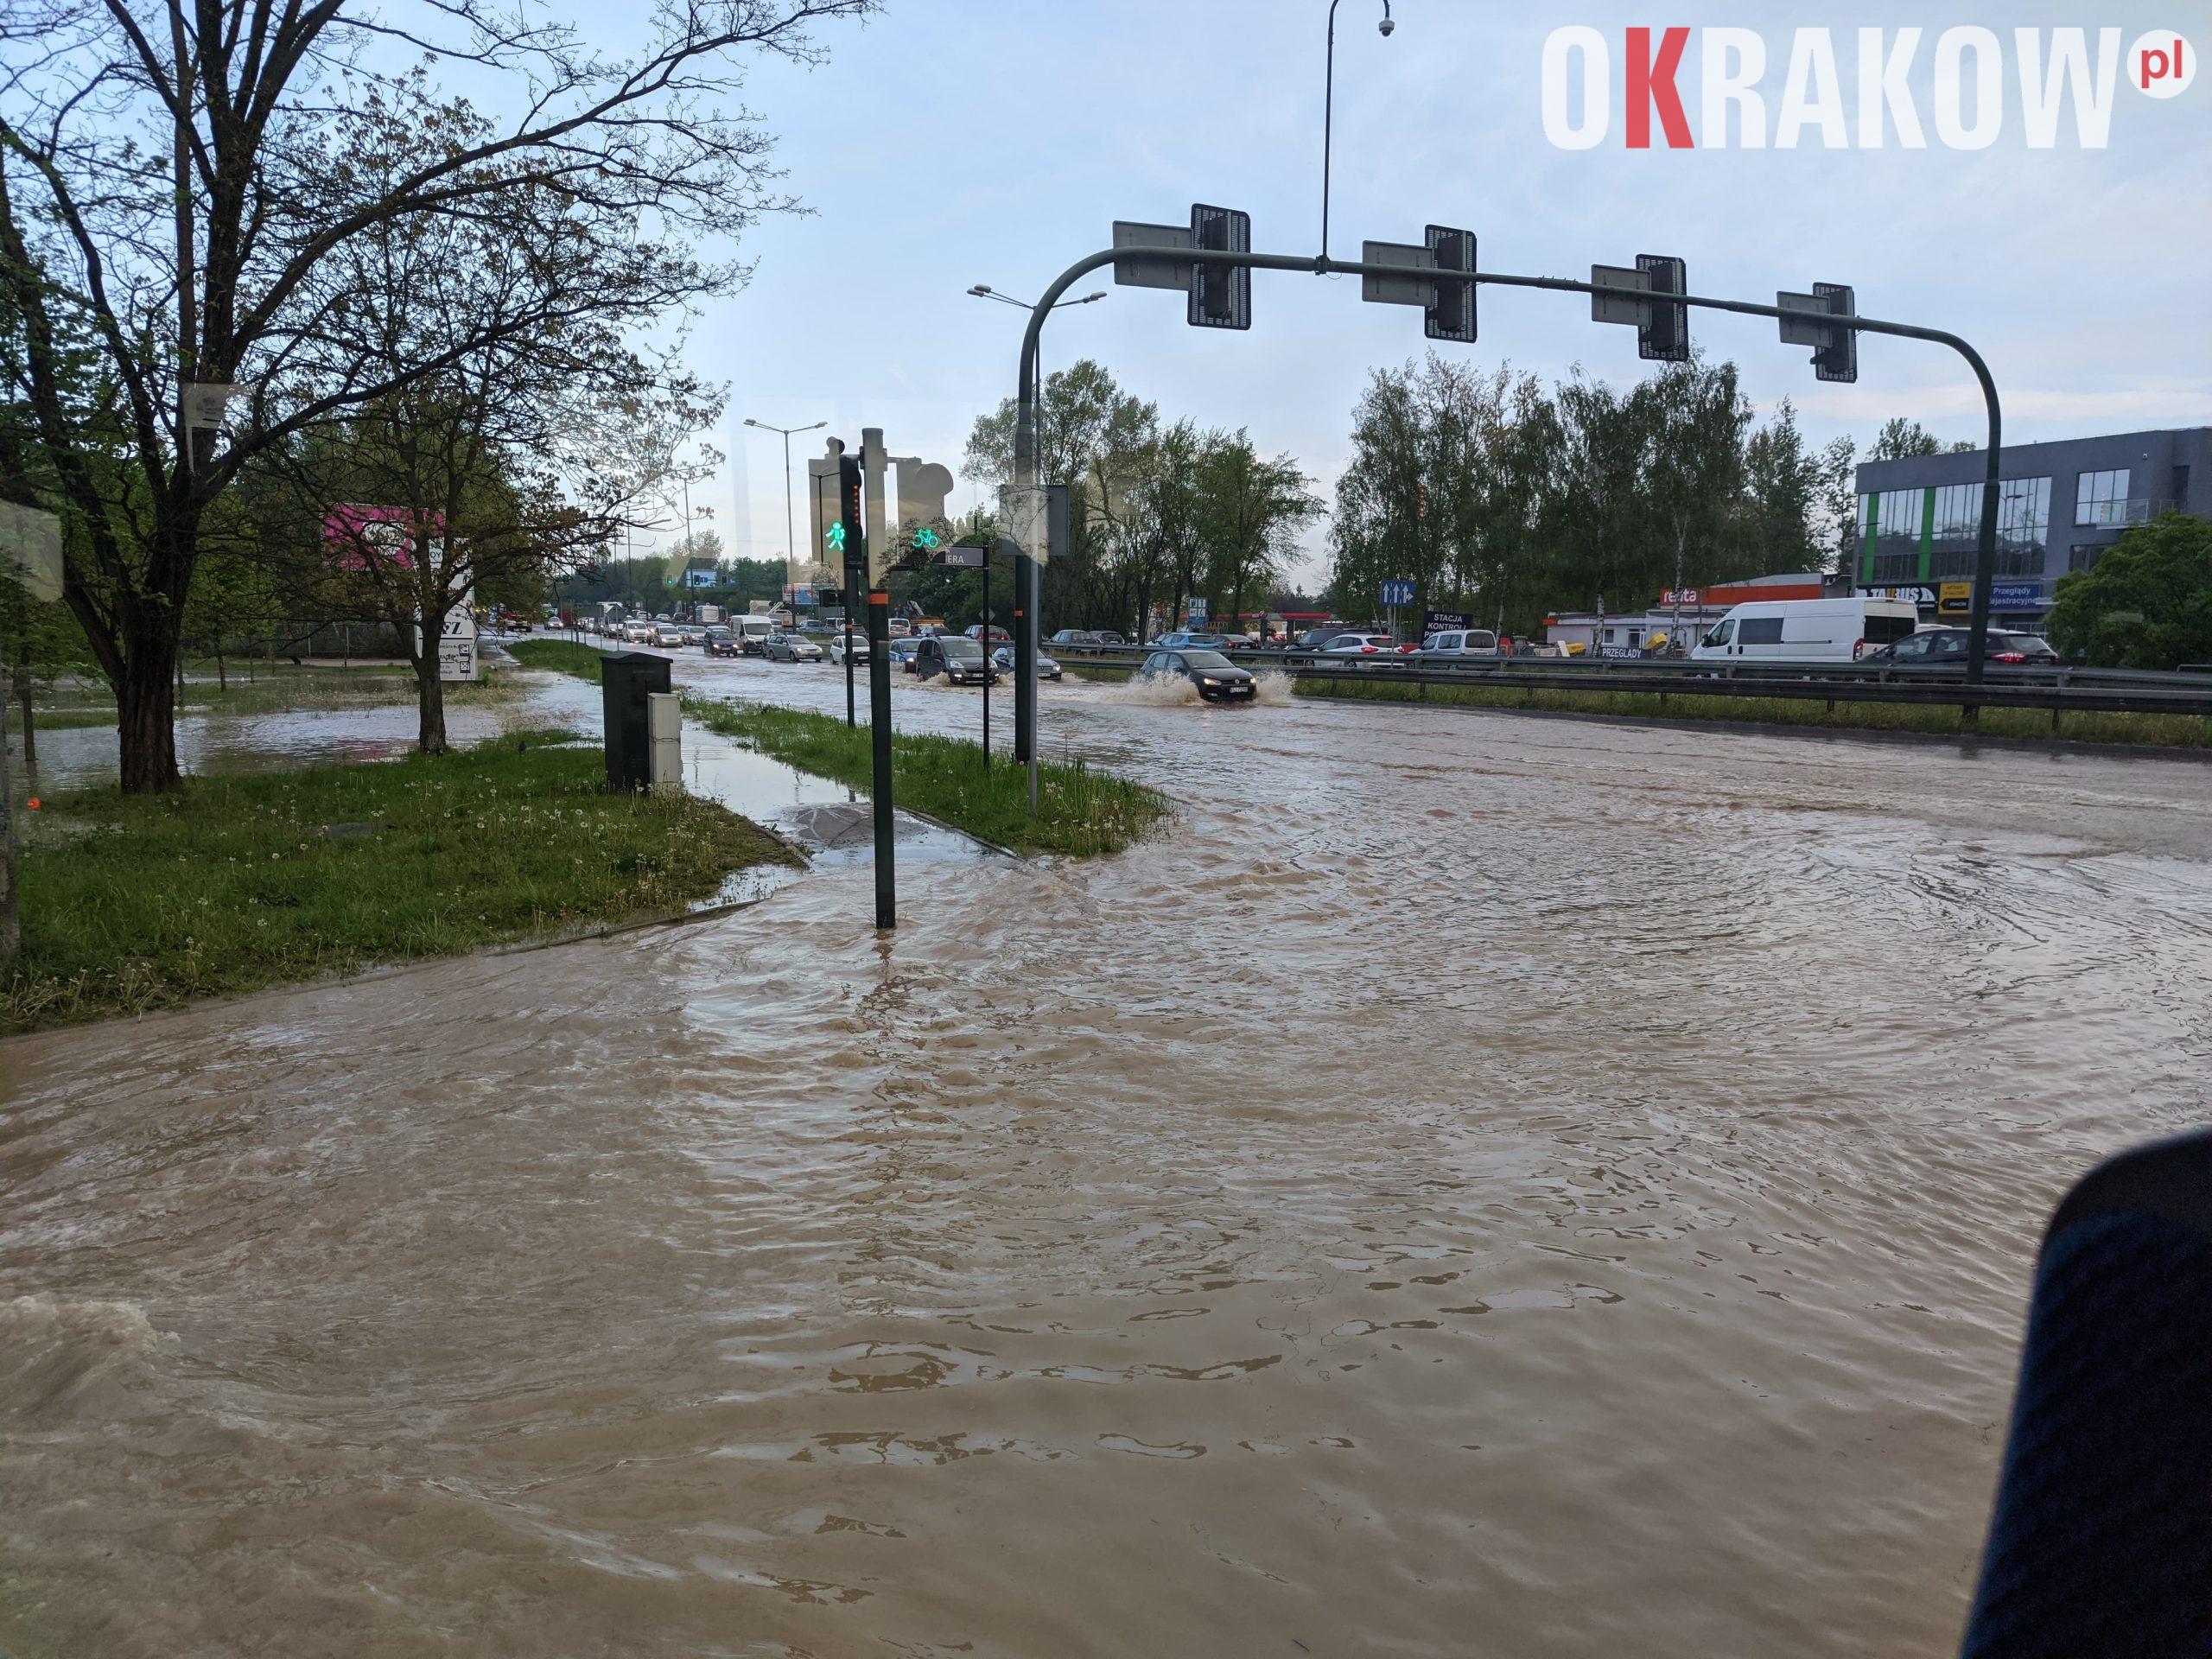 rzaka krakow awaria 3 scaled - Awaria koło przystanku Jerzmanowskiego (Rżąka) - zdjęcia